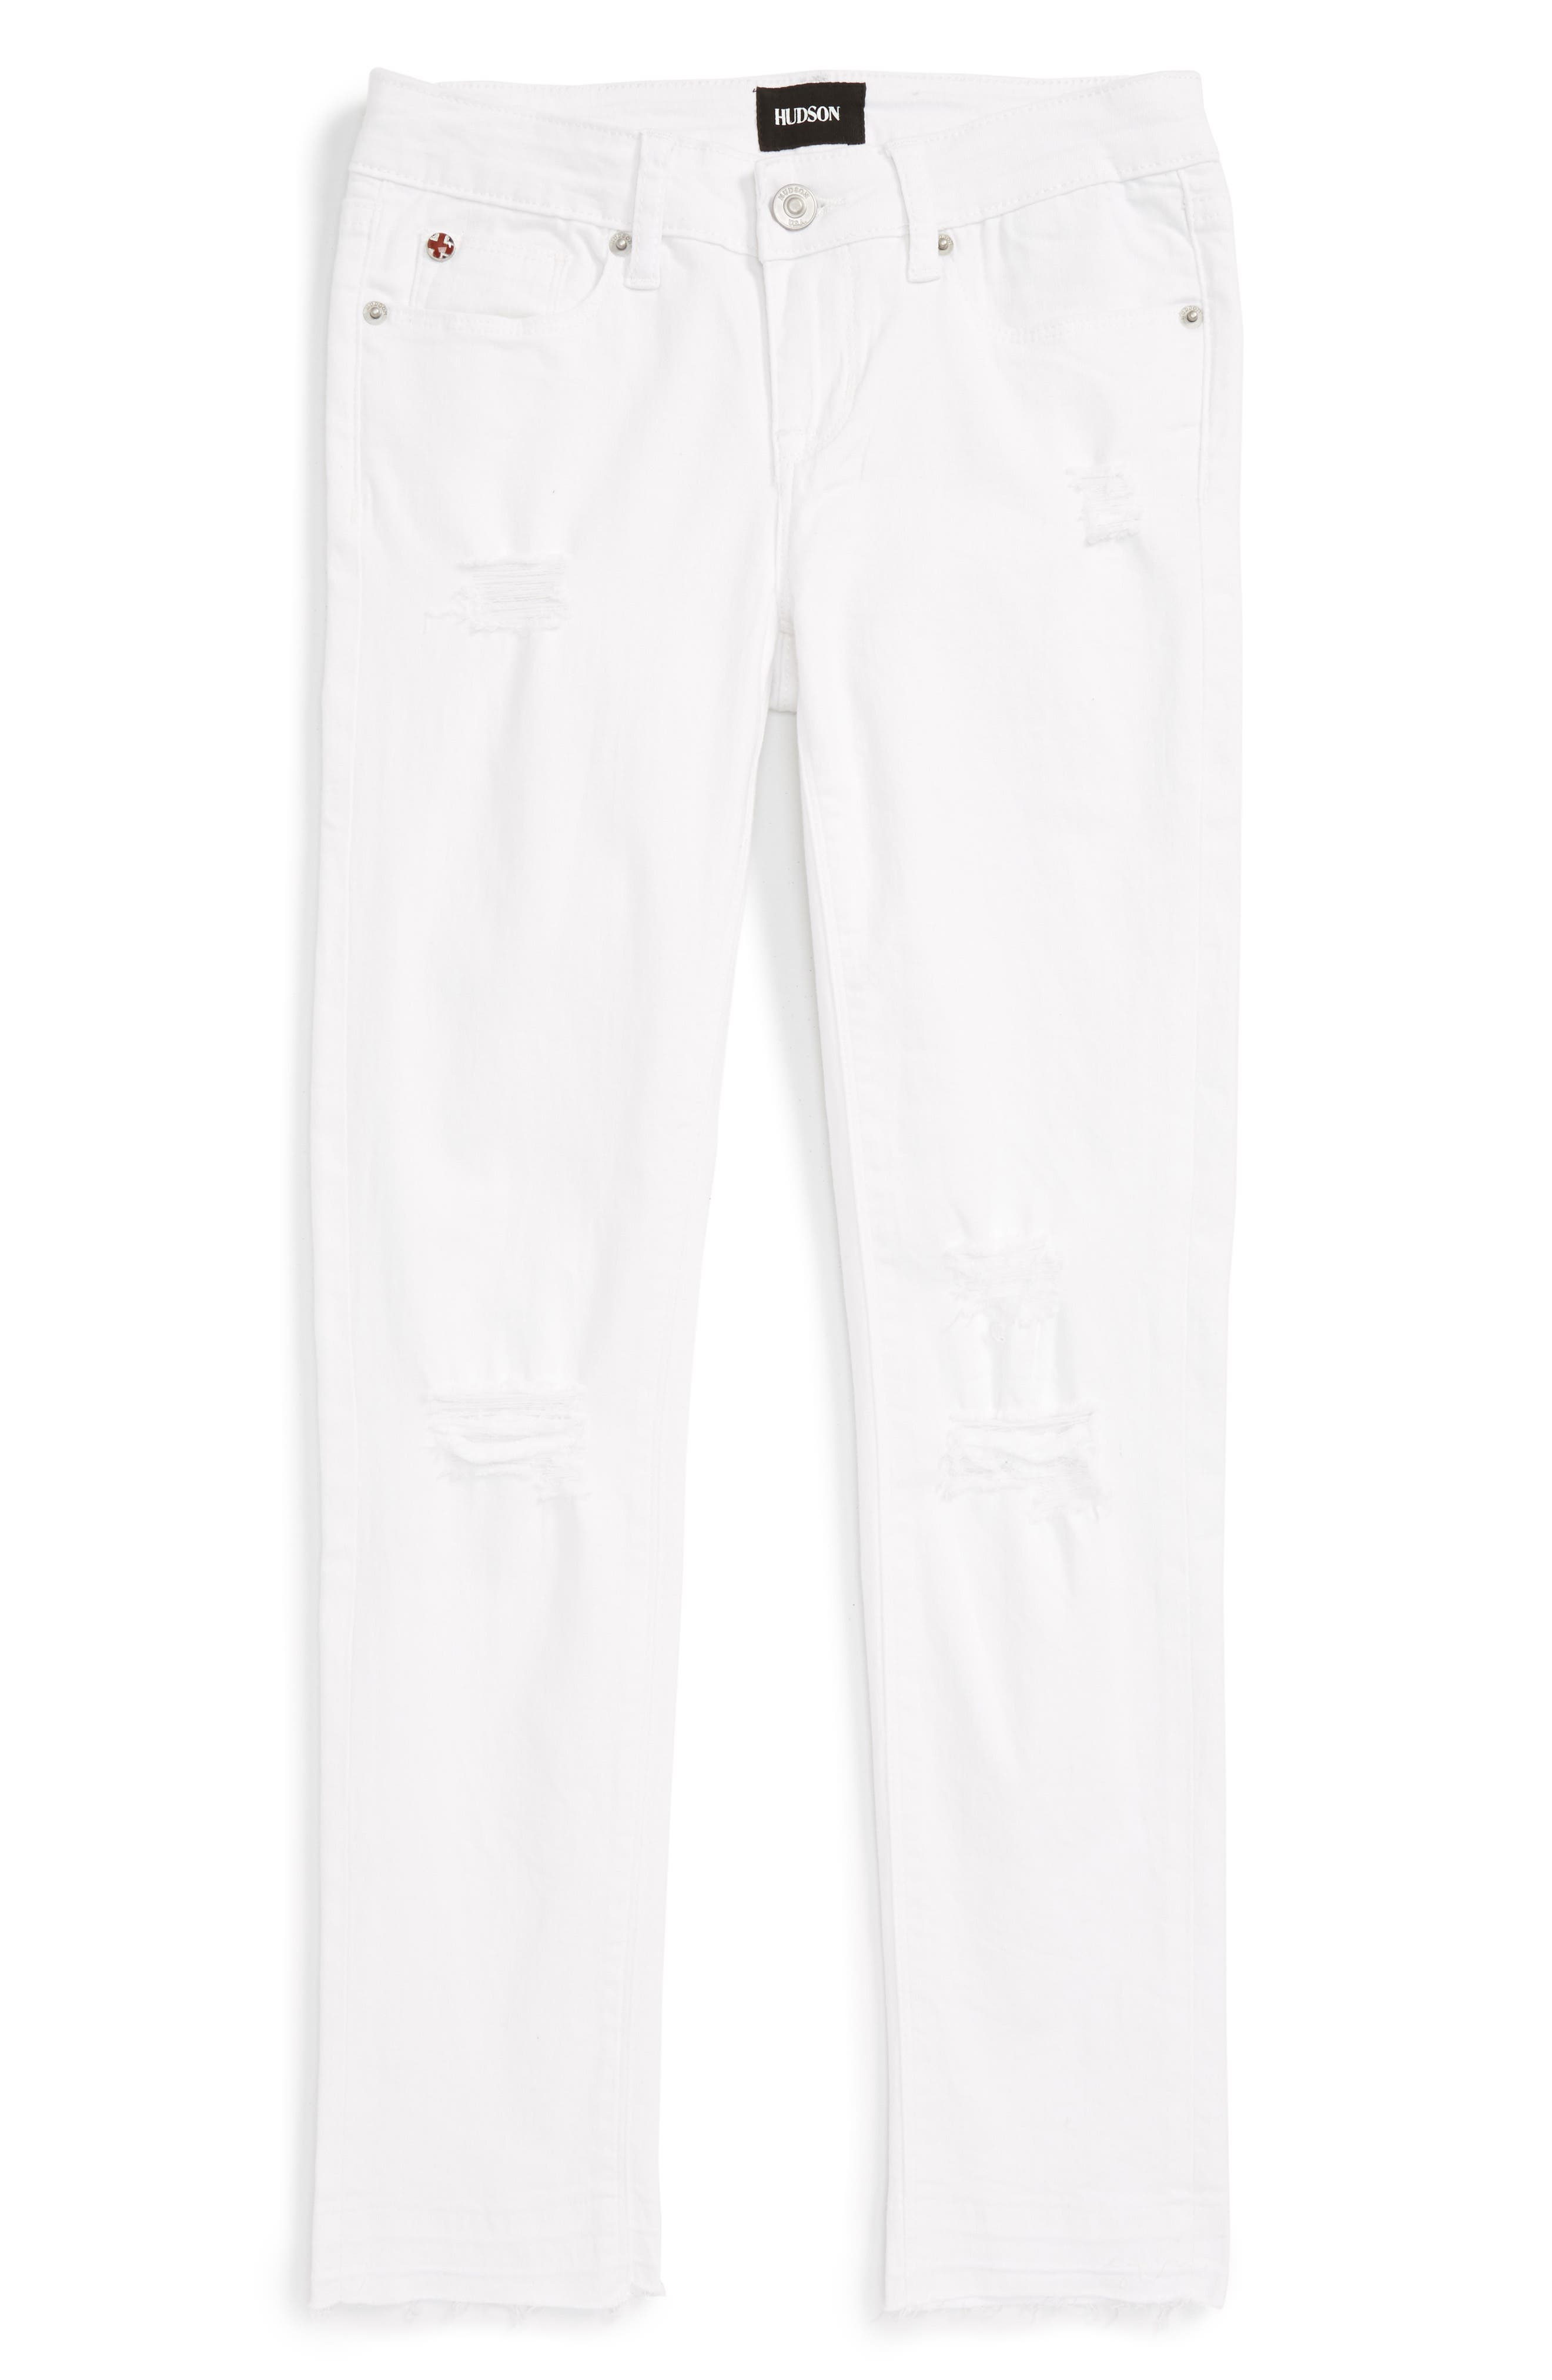 Seaside Crop Skinny Jeans,                         Main,                         color, 100